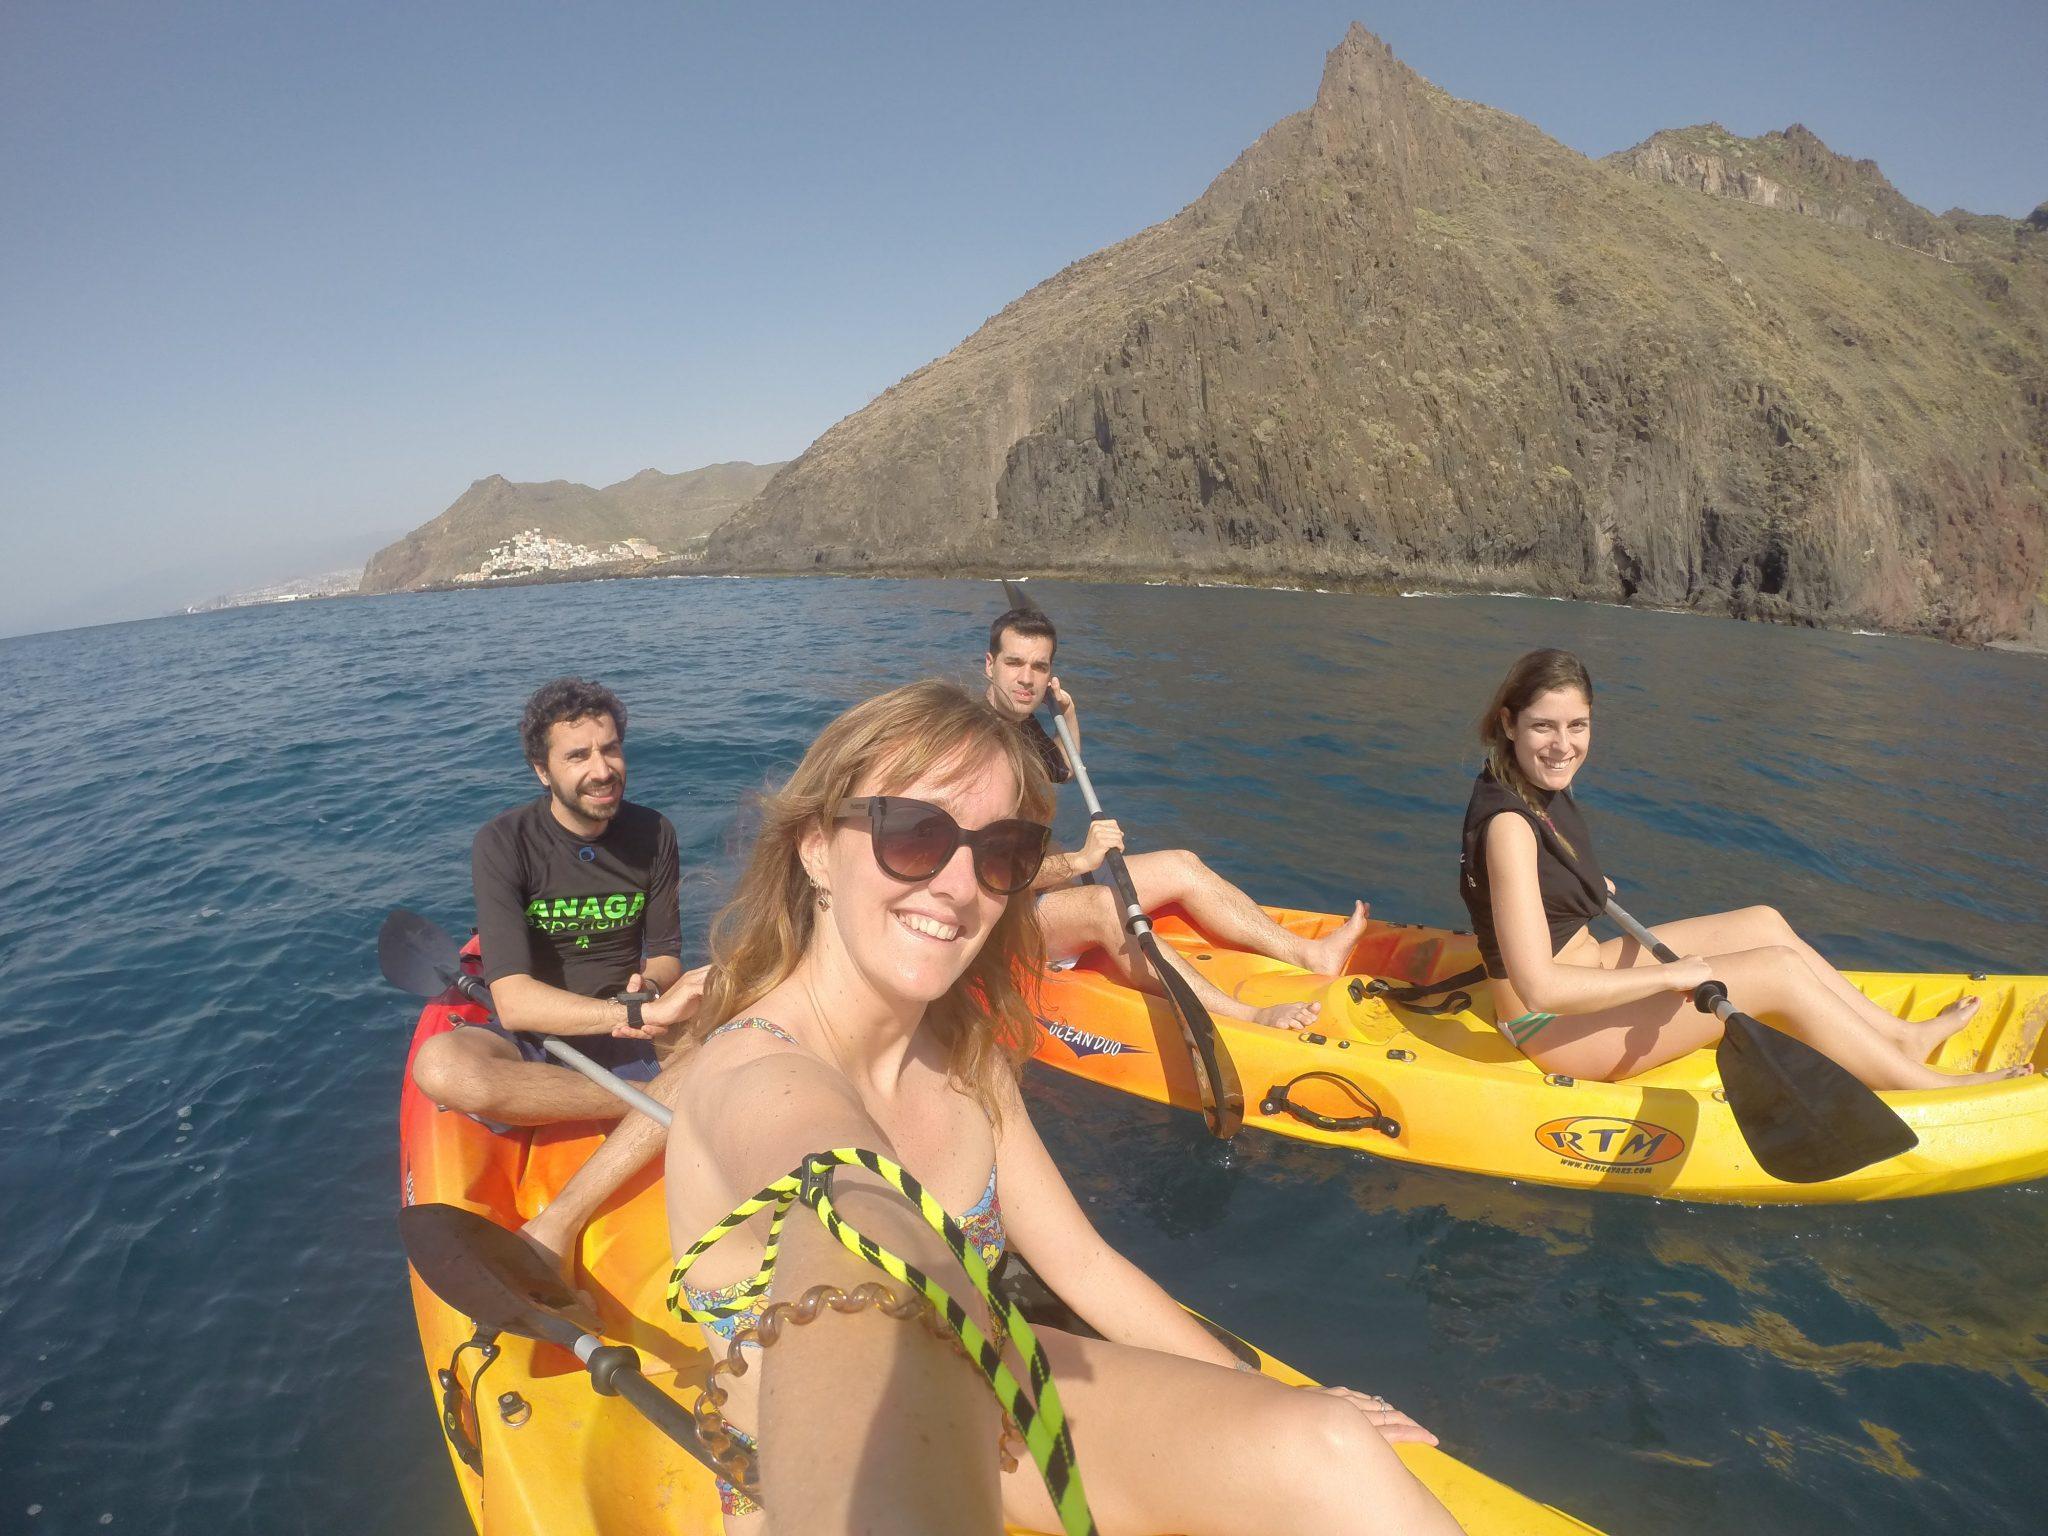 Kayaking in Tenerife